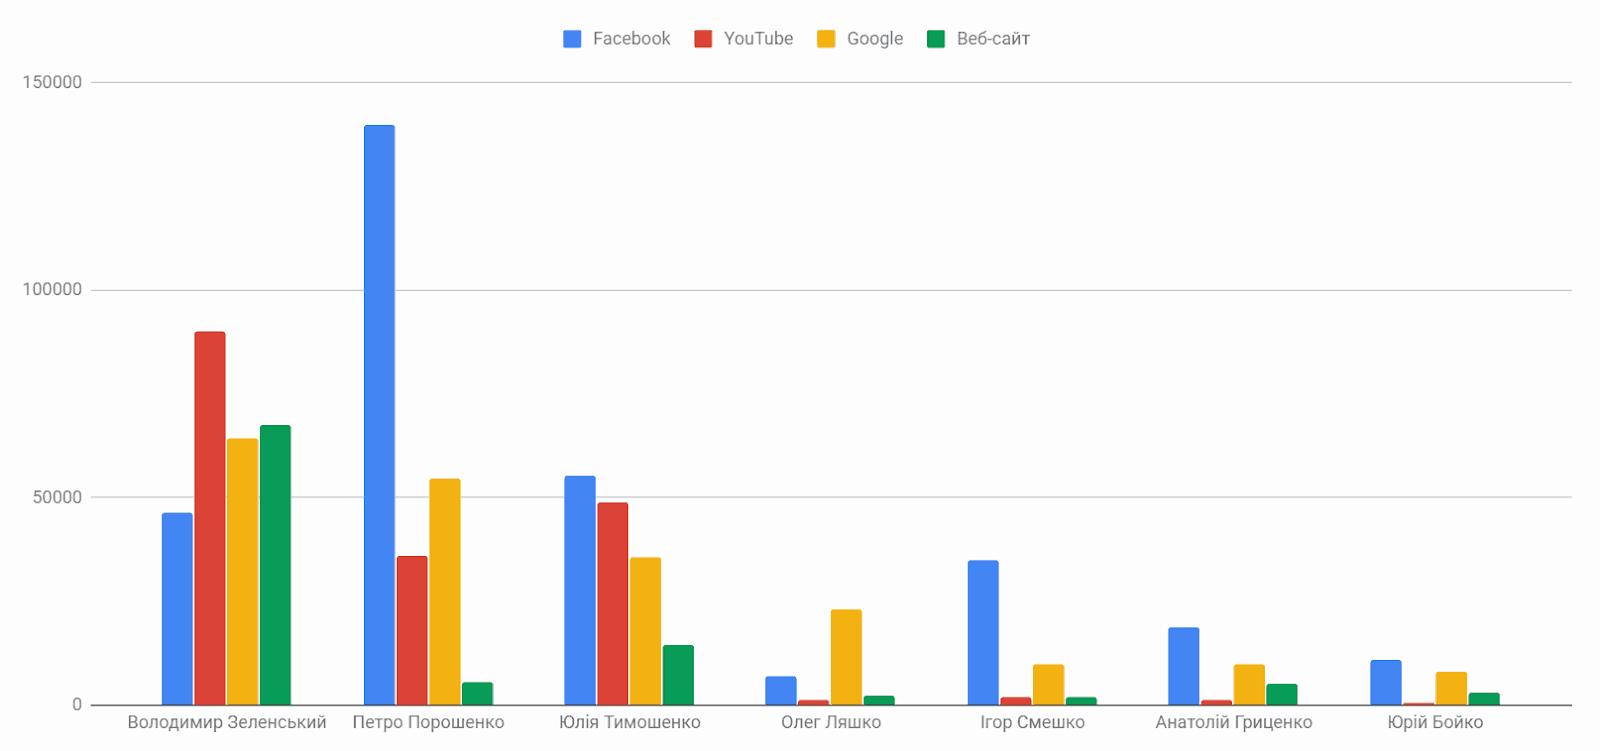 гістограма кандидати топ-7